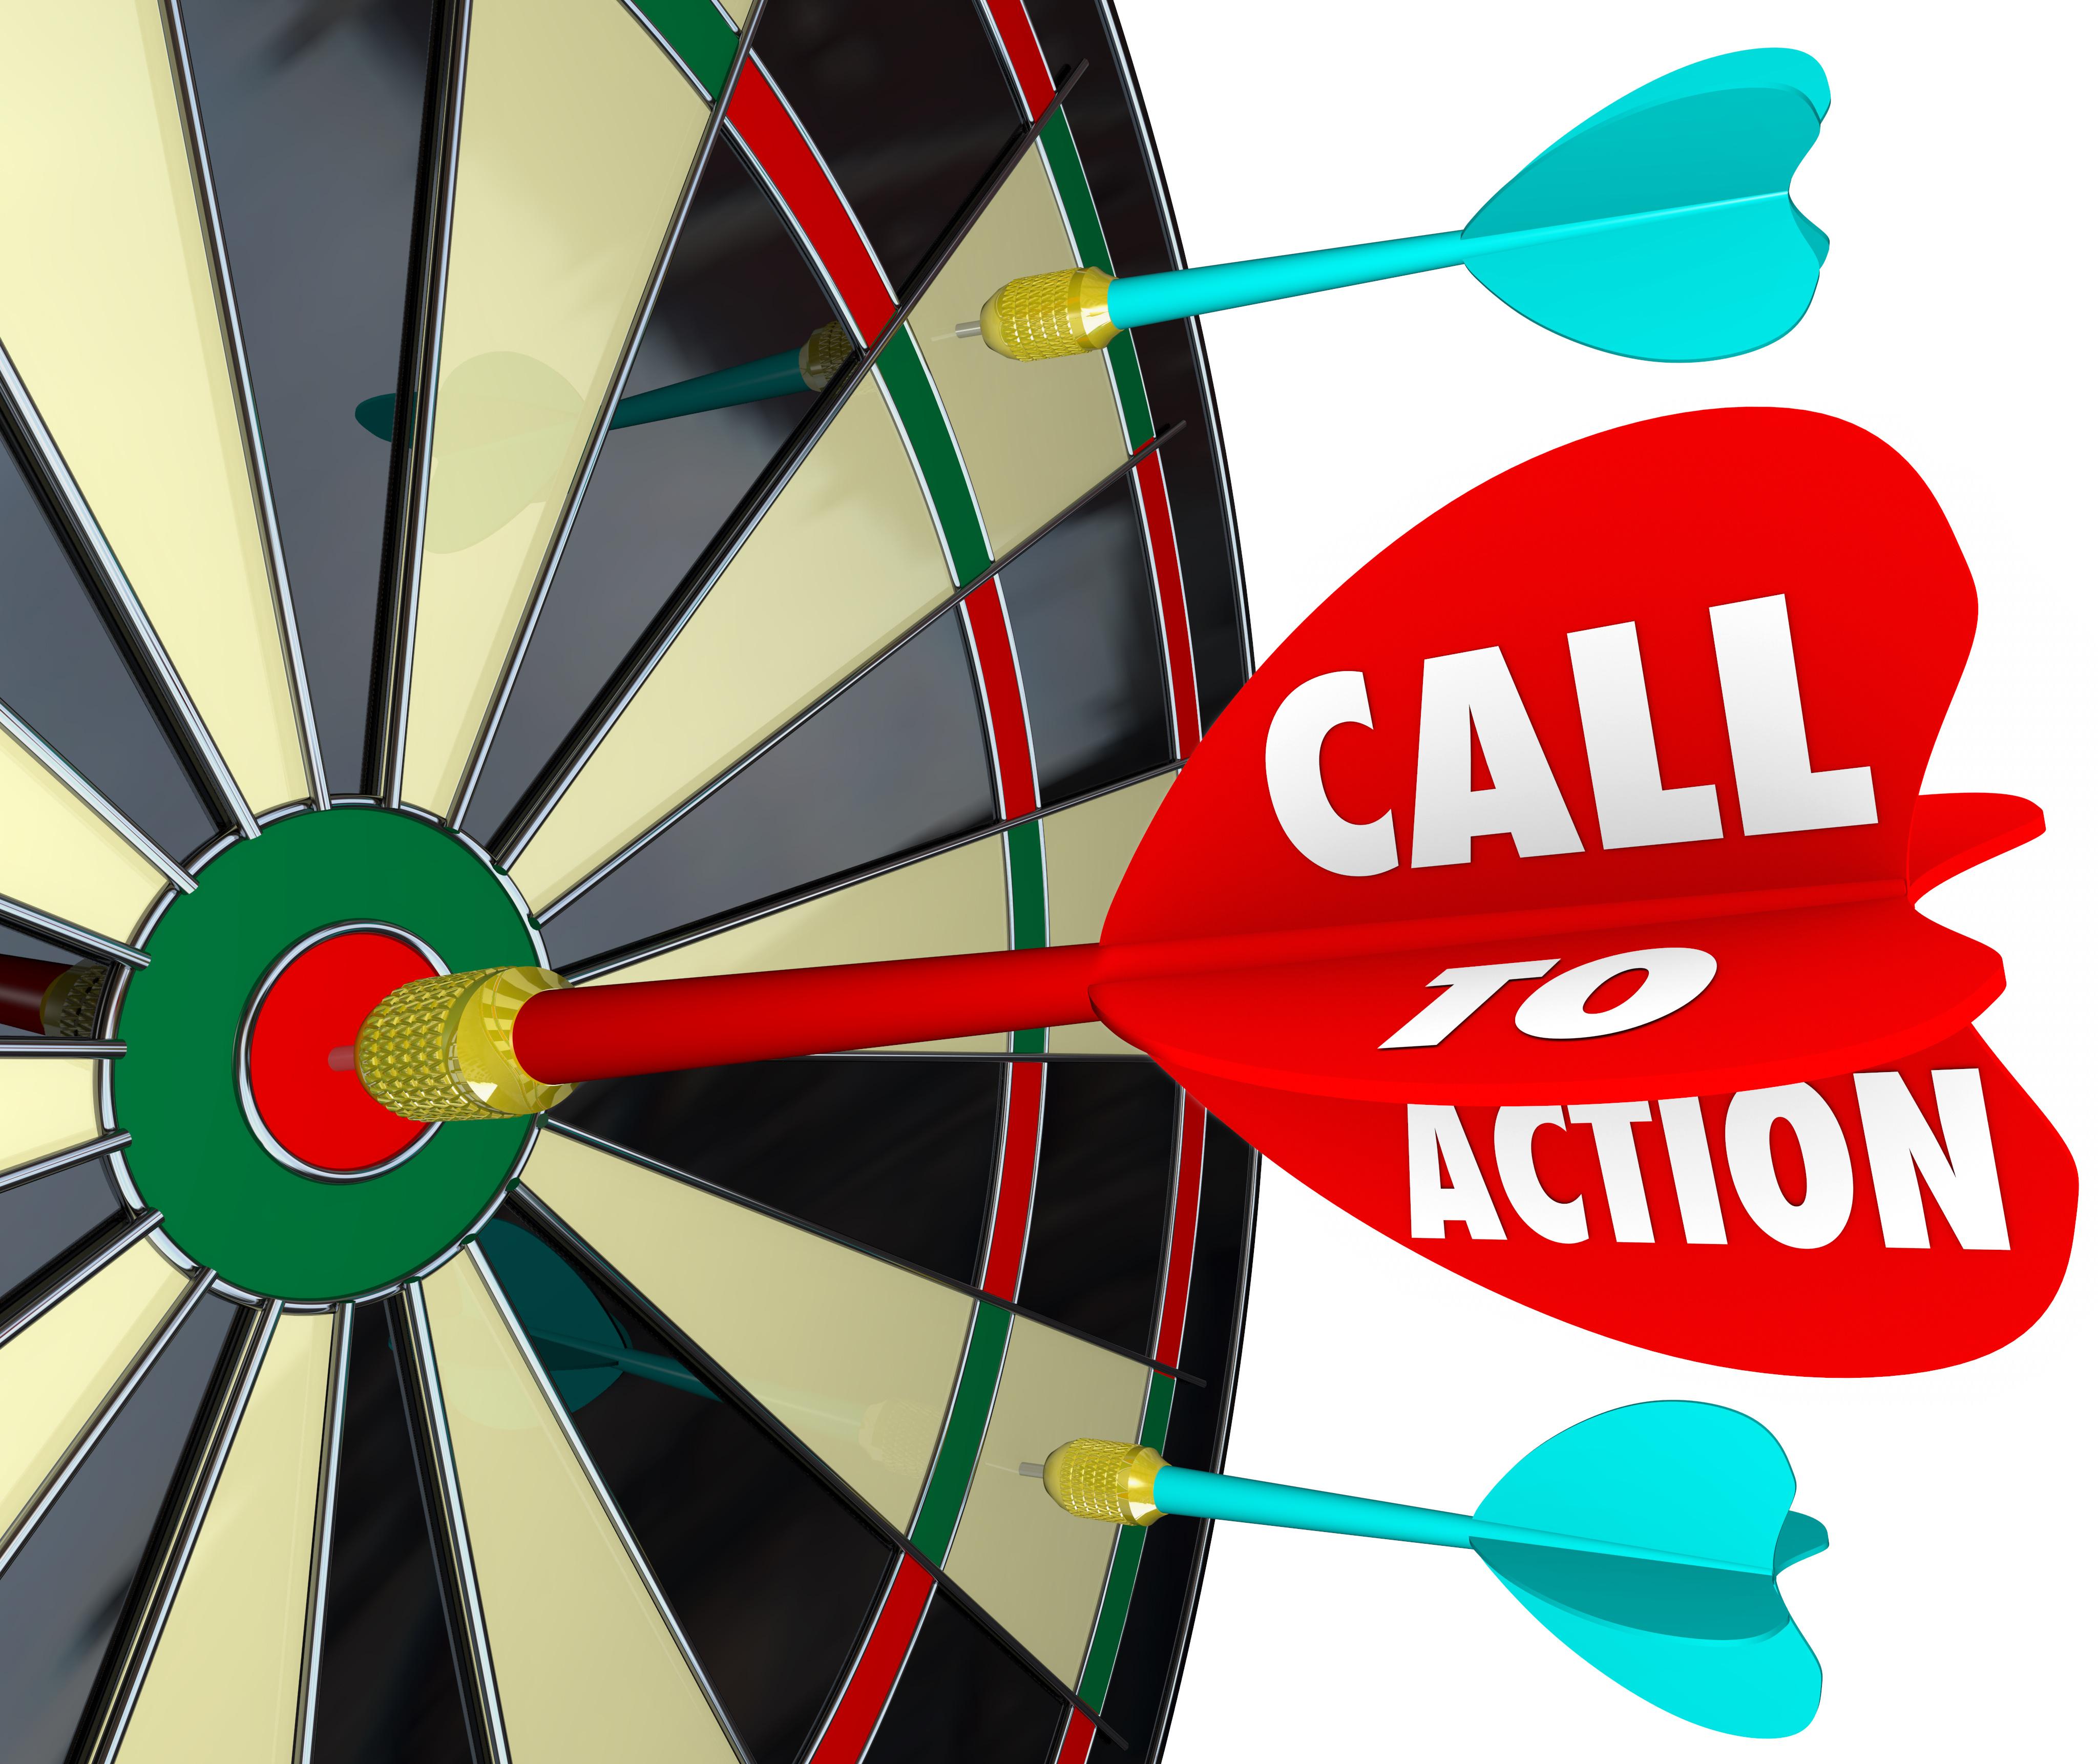 公众号要10W+,更要Call to Action(行动号召)